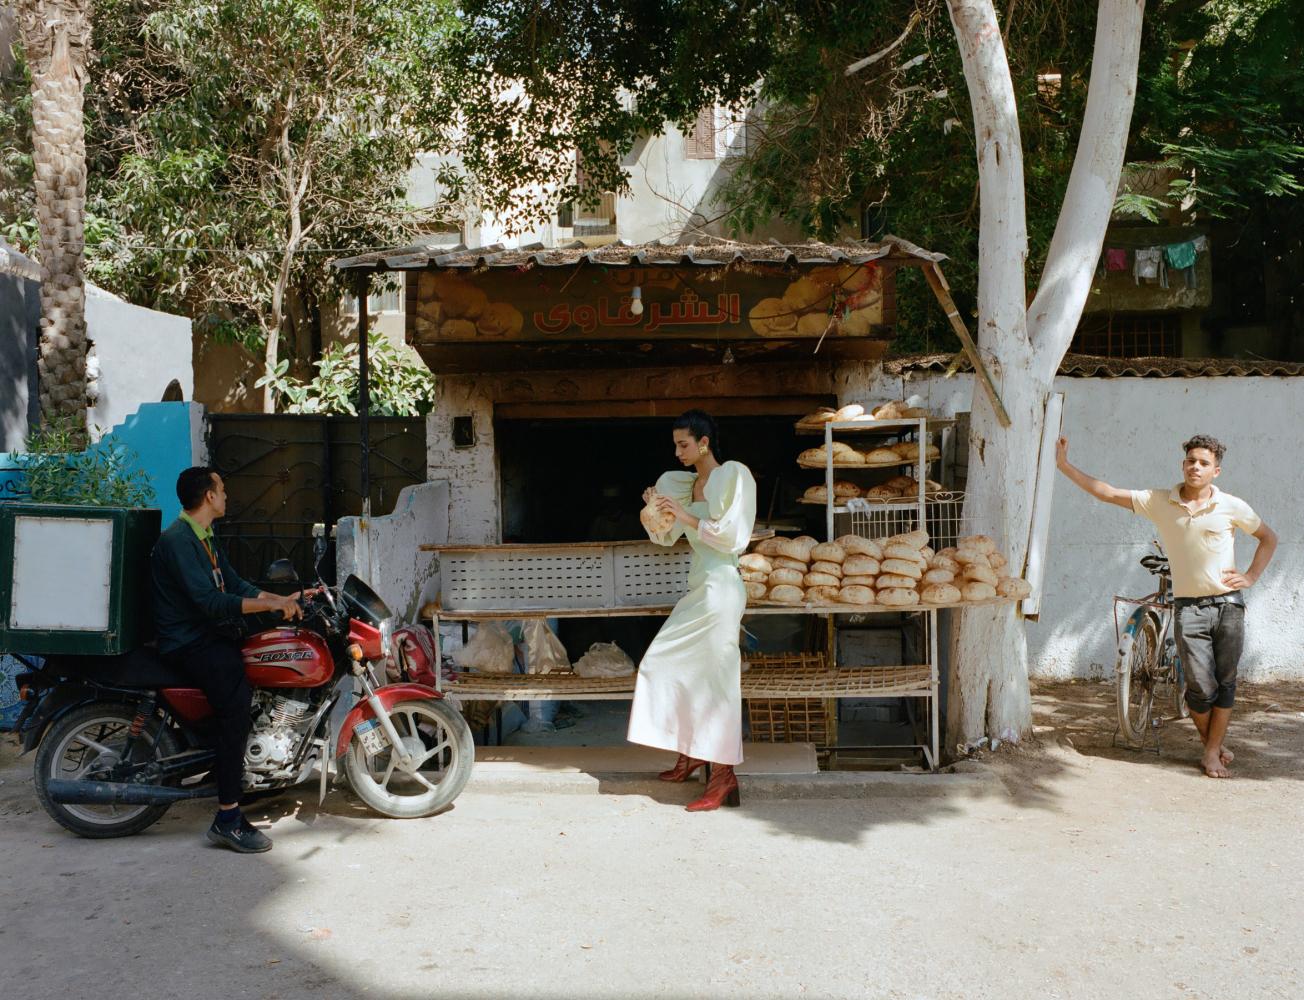 HABIBA FOR VOGUE ARABIA